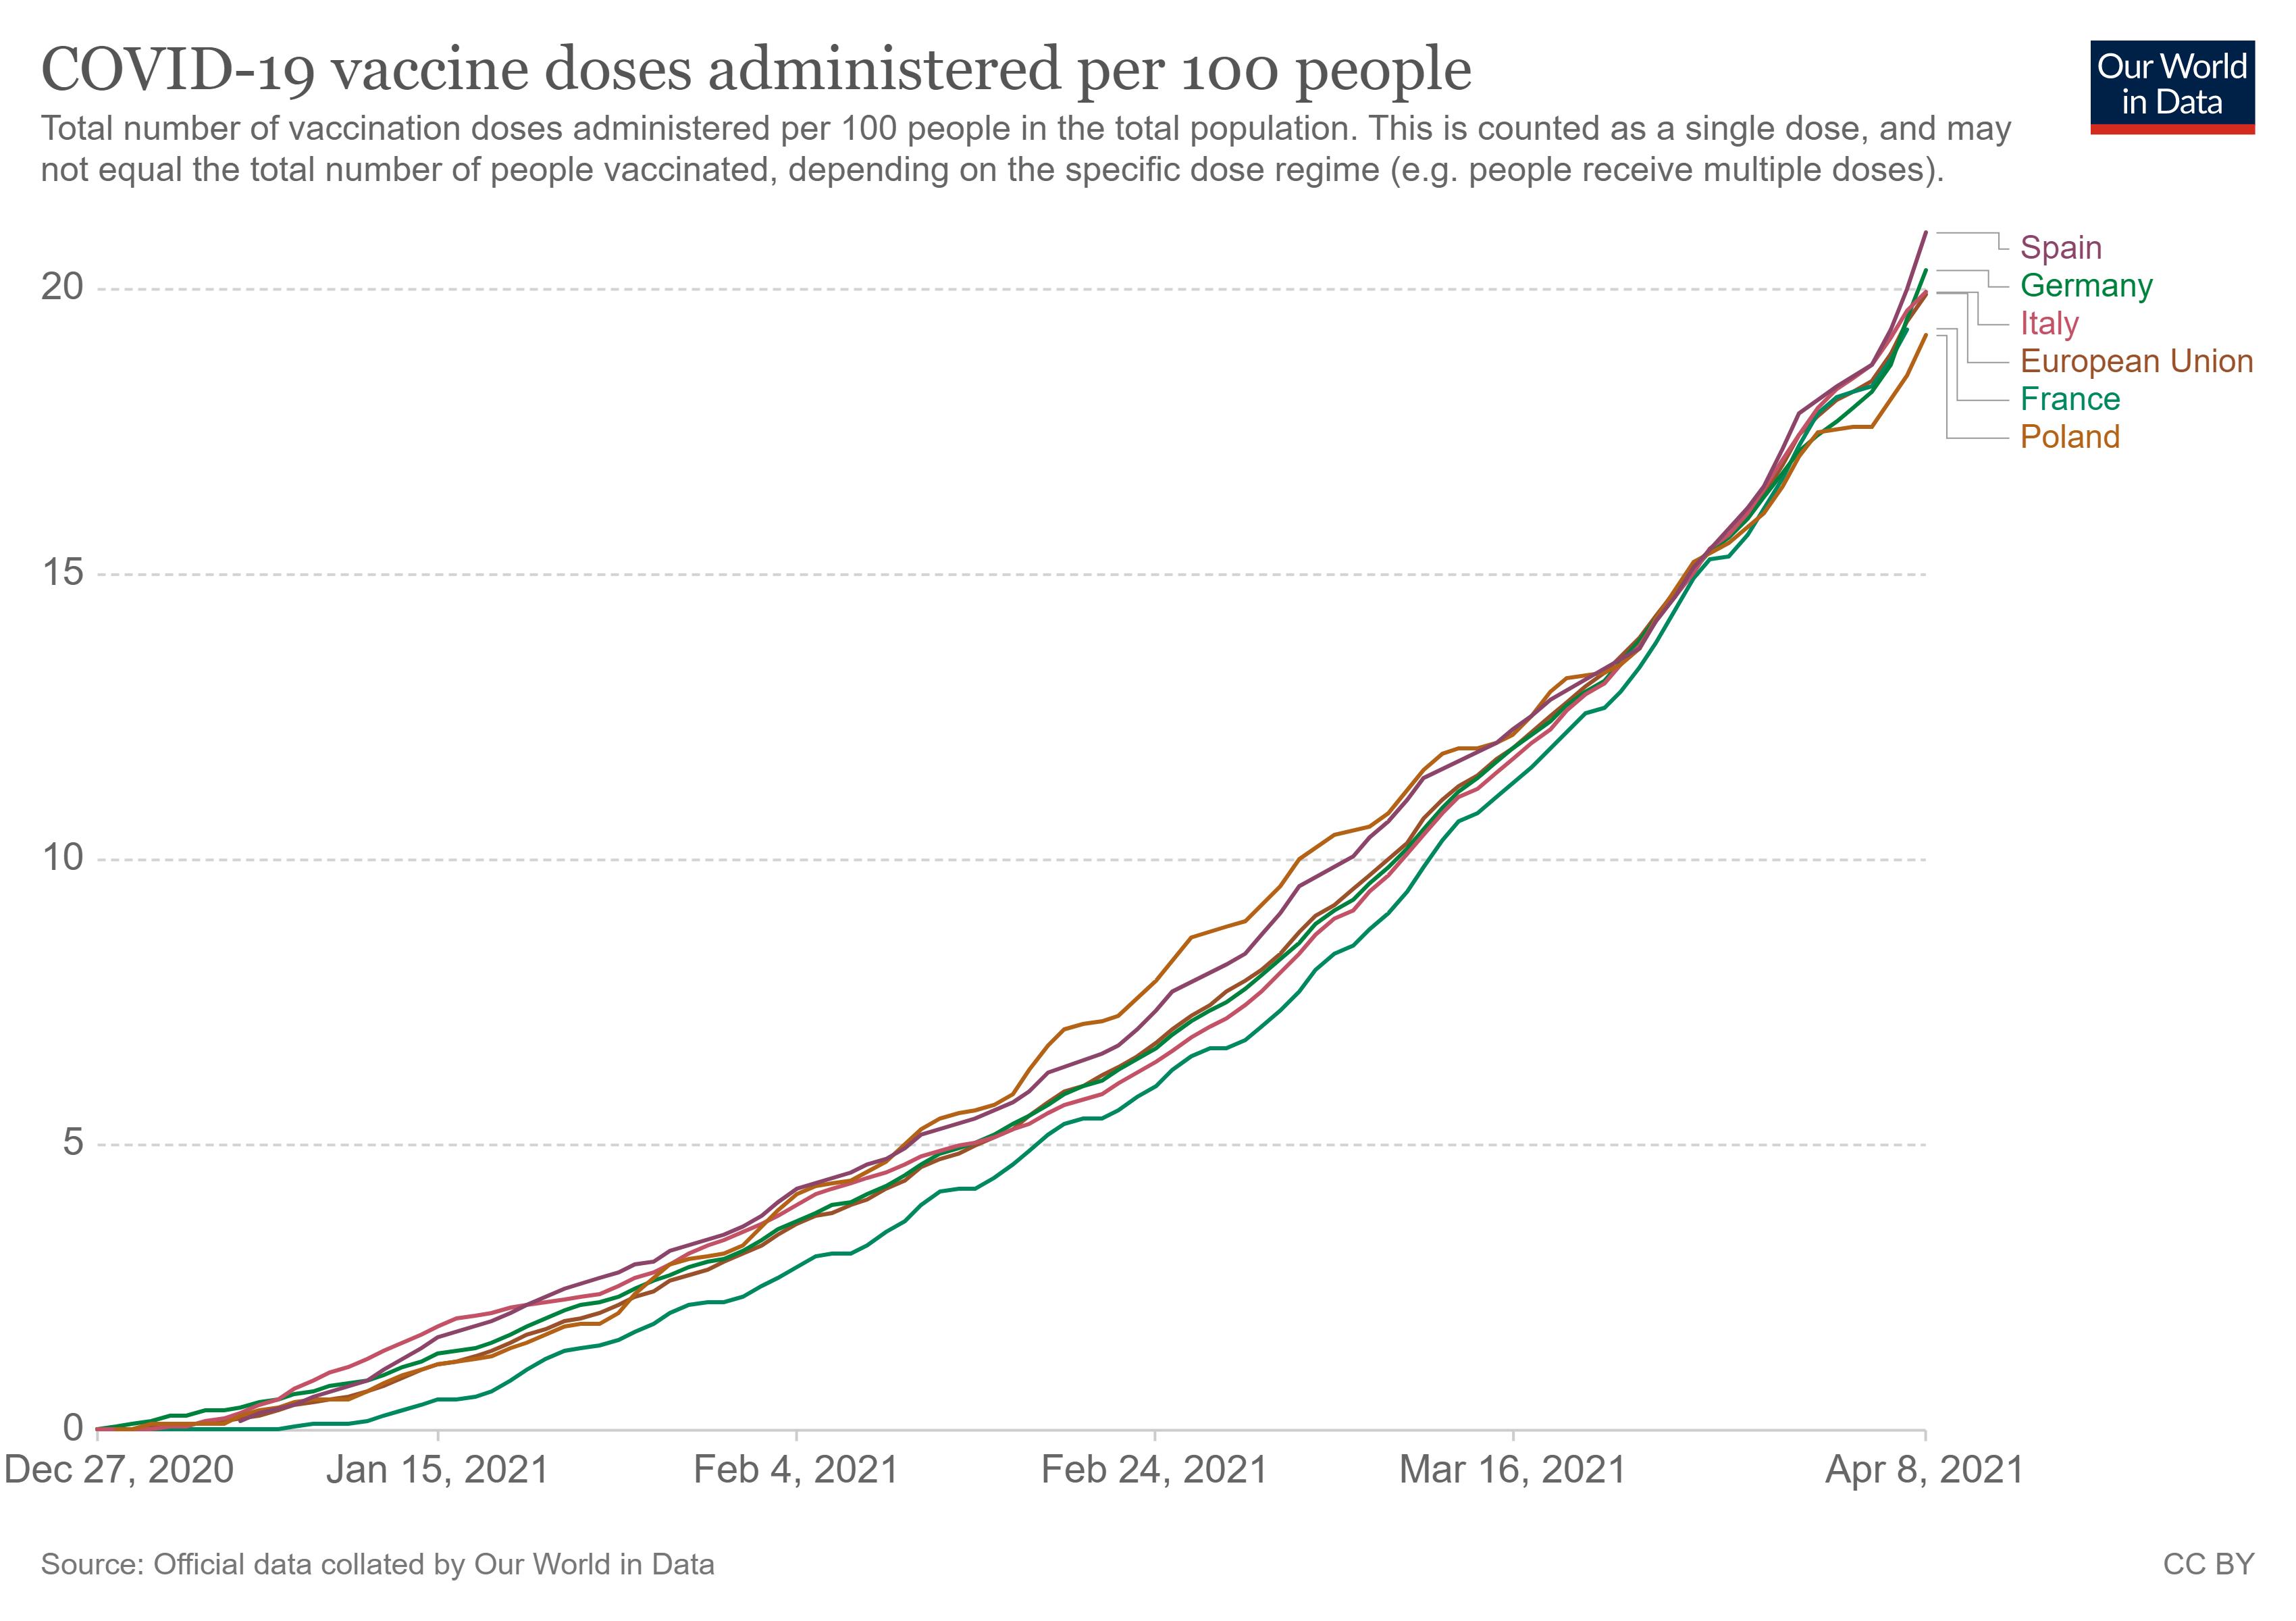 Wykres liczby szczepień na 100 mieszkańców w największych krajach Unii Europejskiej